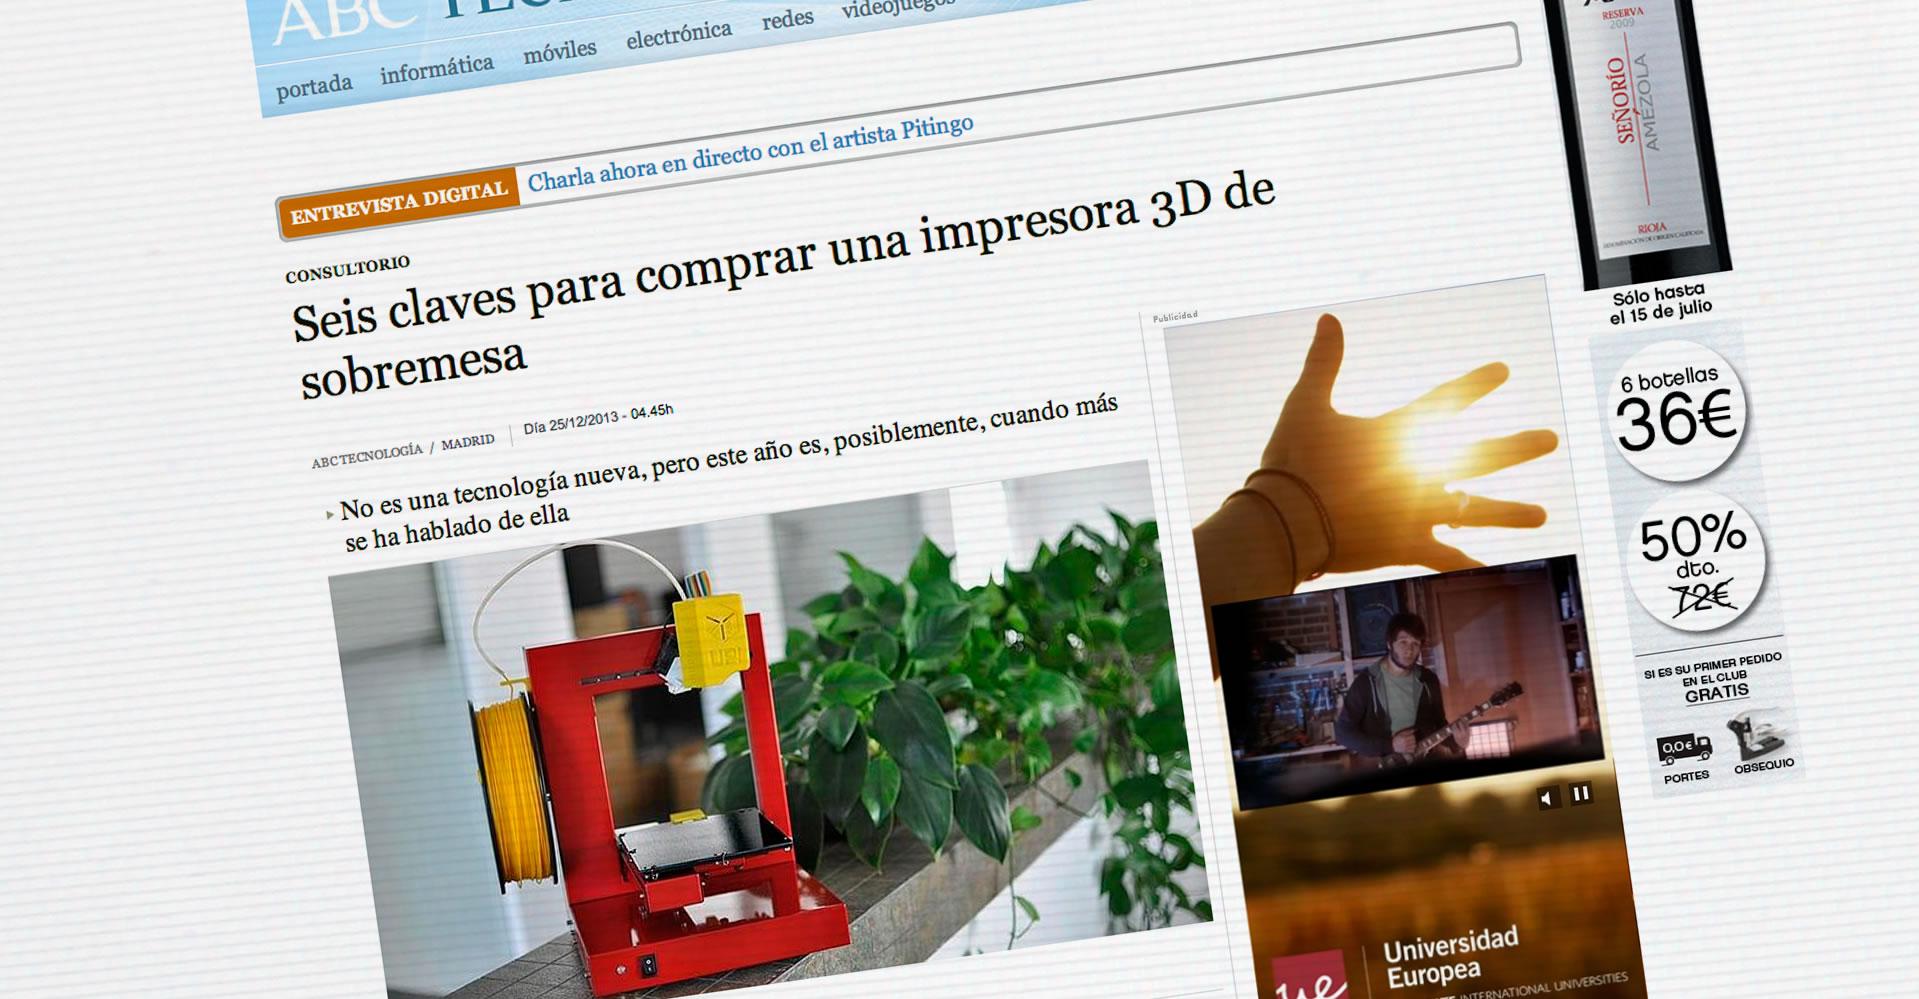 Seis_claves_para_comprar_una_impresora_3D_de_sobremesa___ABC.es